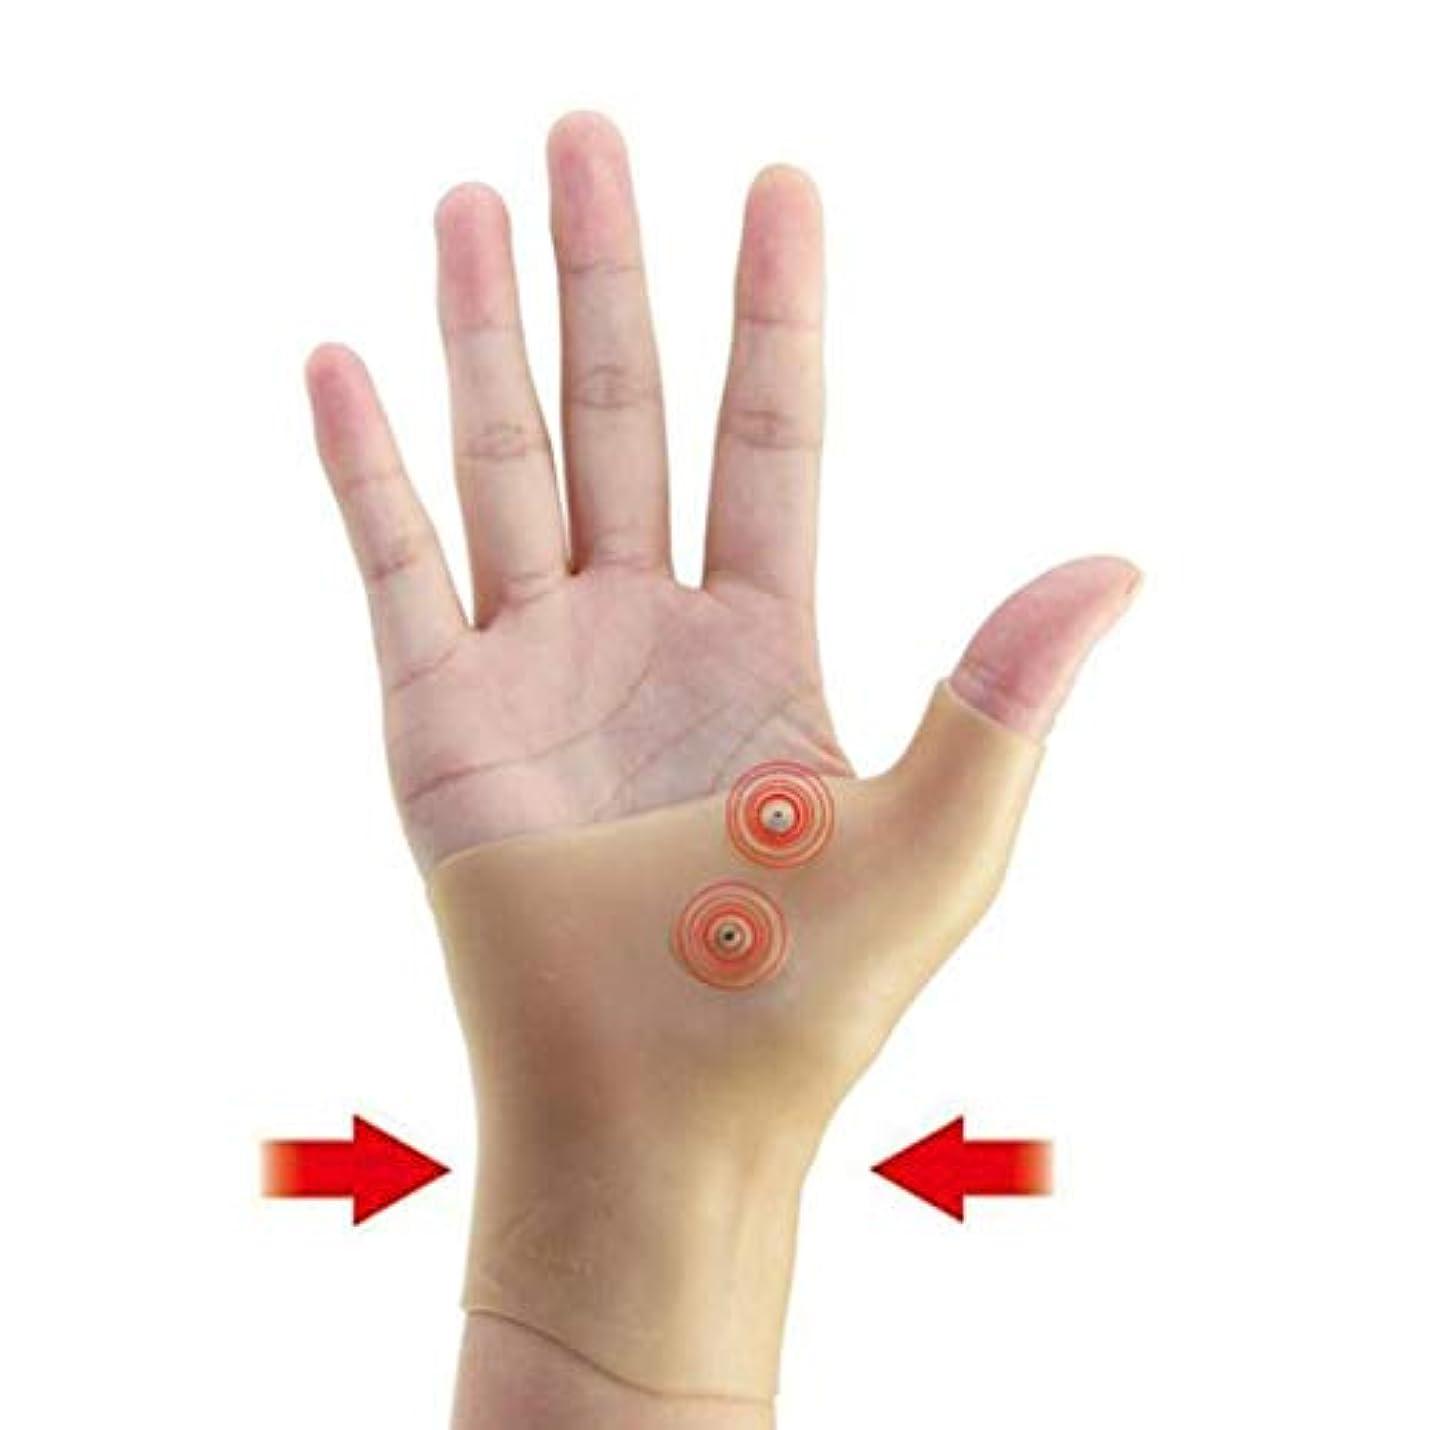 おっと組み込むうがい磁気療法手首手親指サポート手袋シリコーンゲル関節炎圧力矯正器マッサージ痛み緩和手袋 - 肌の色